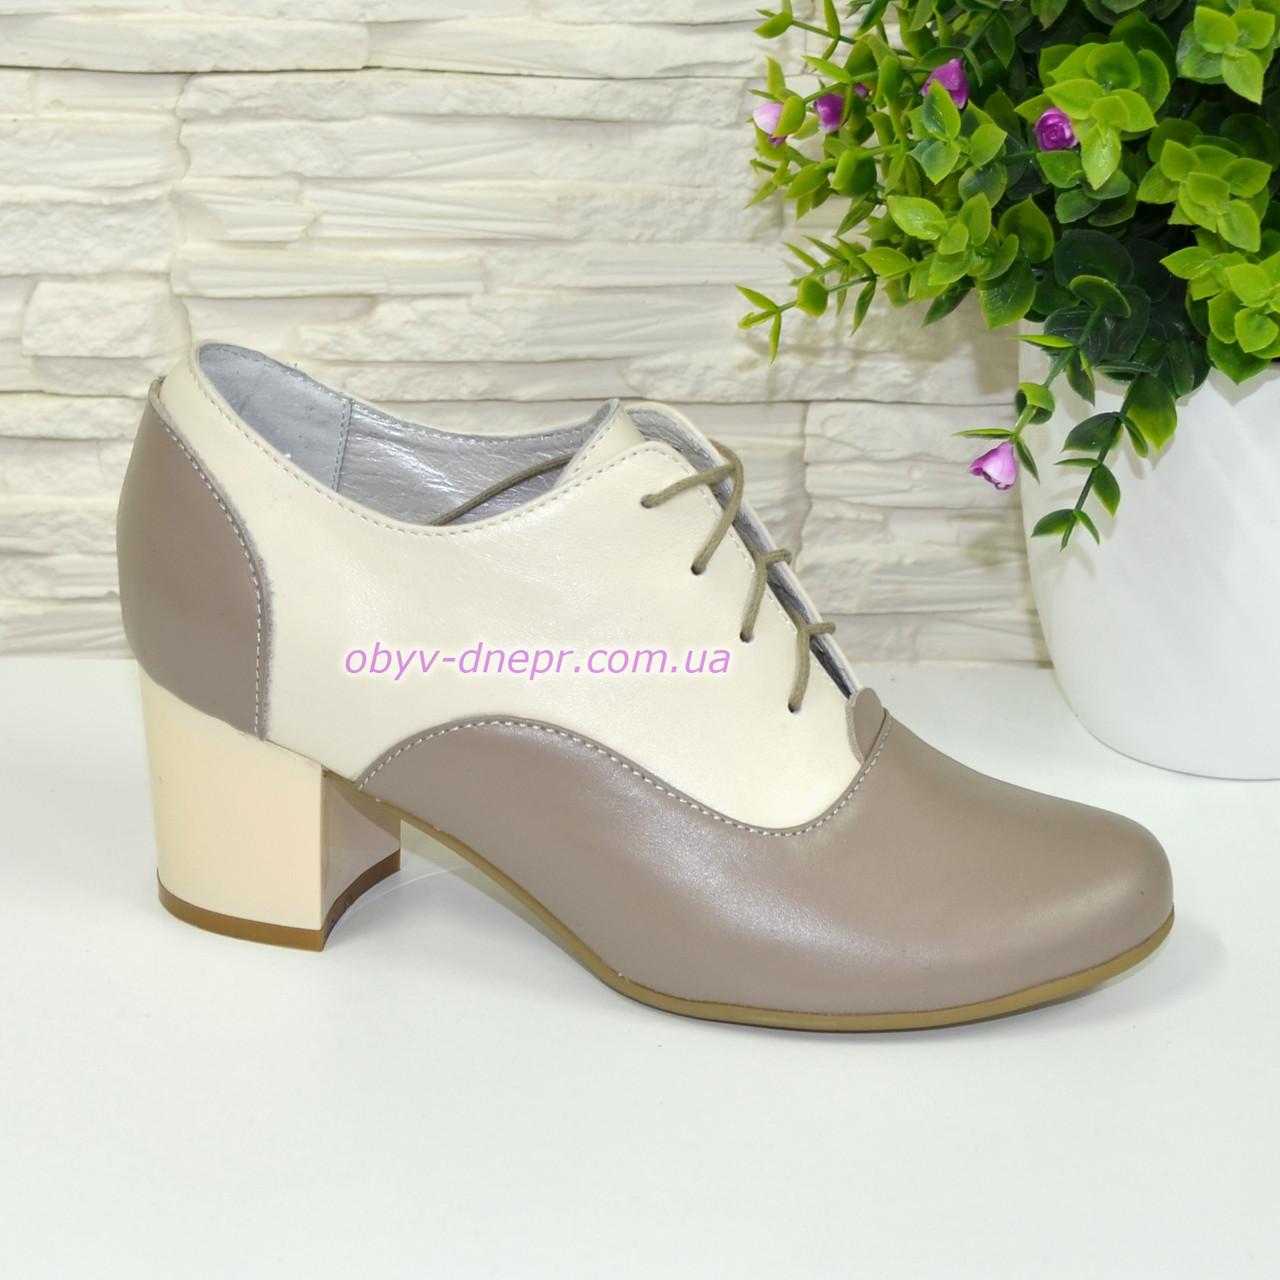 Туфли женские кожаные на устойчивом каблуке, цвет визон/бежевый.